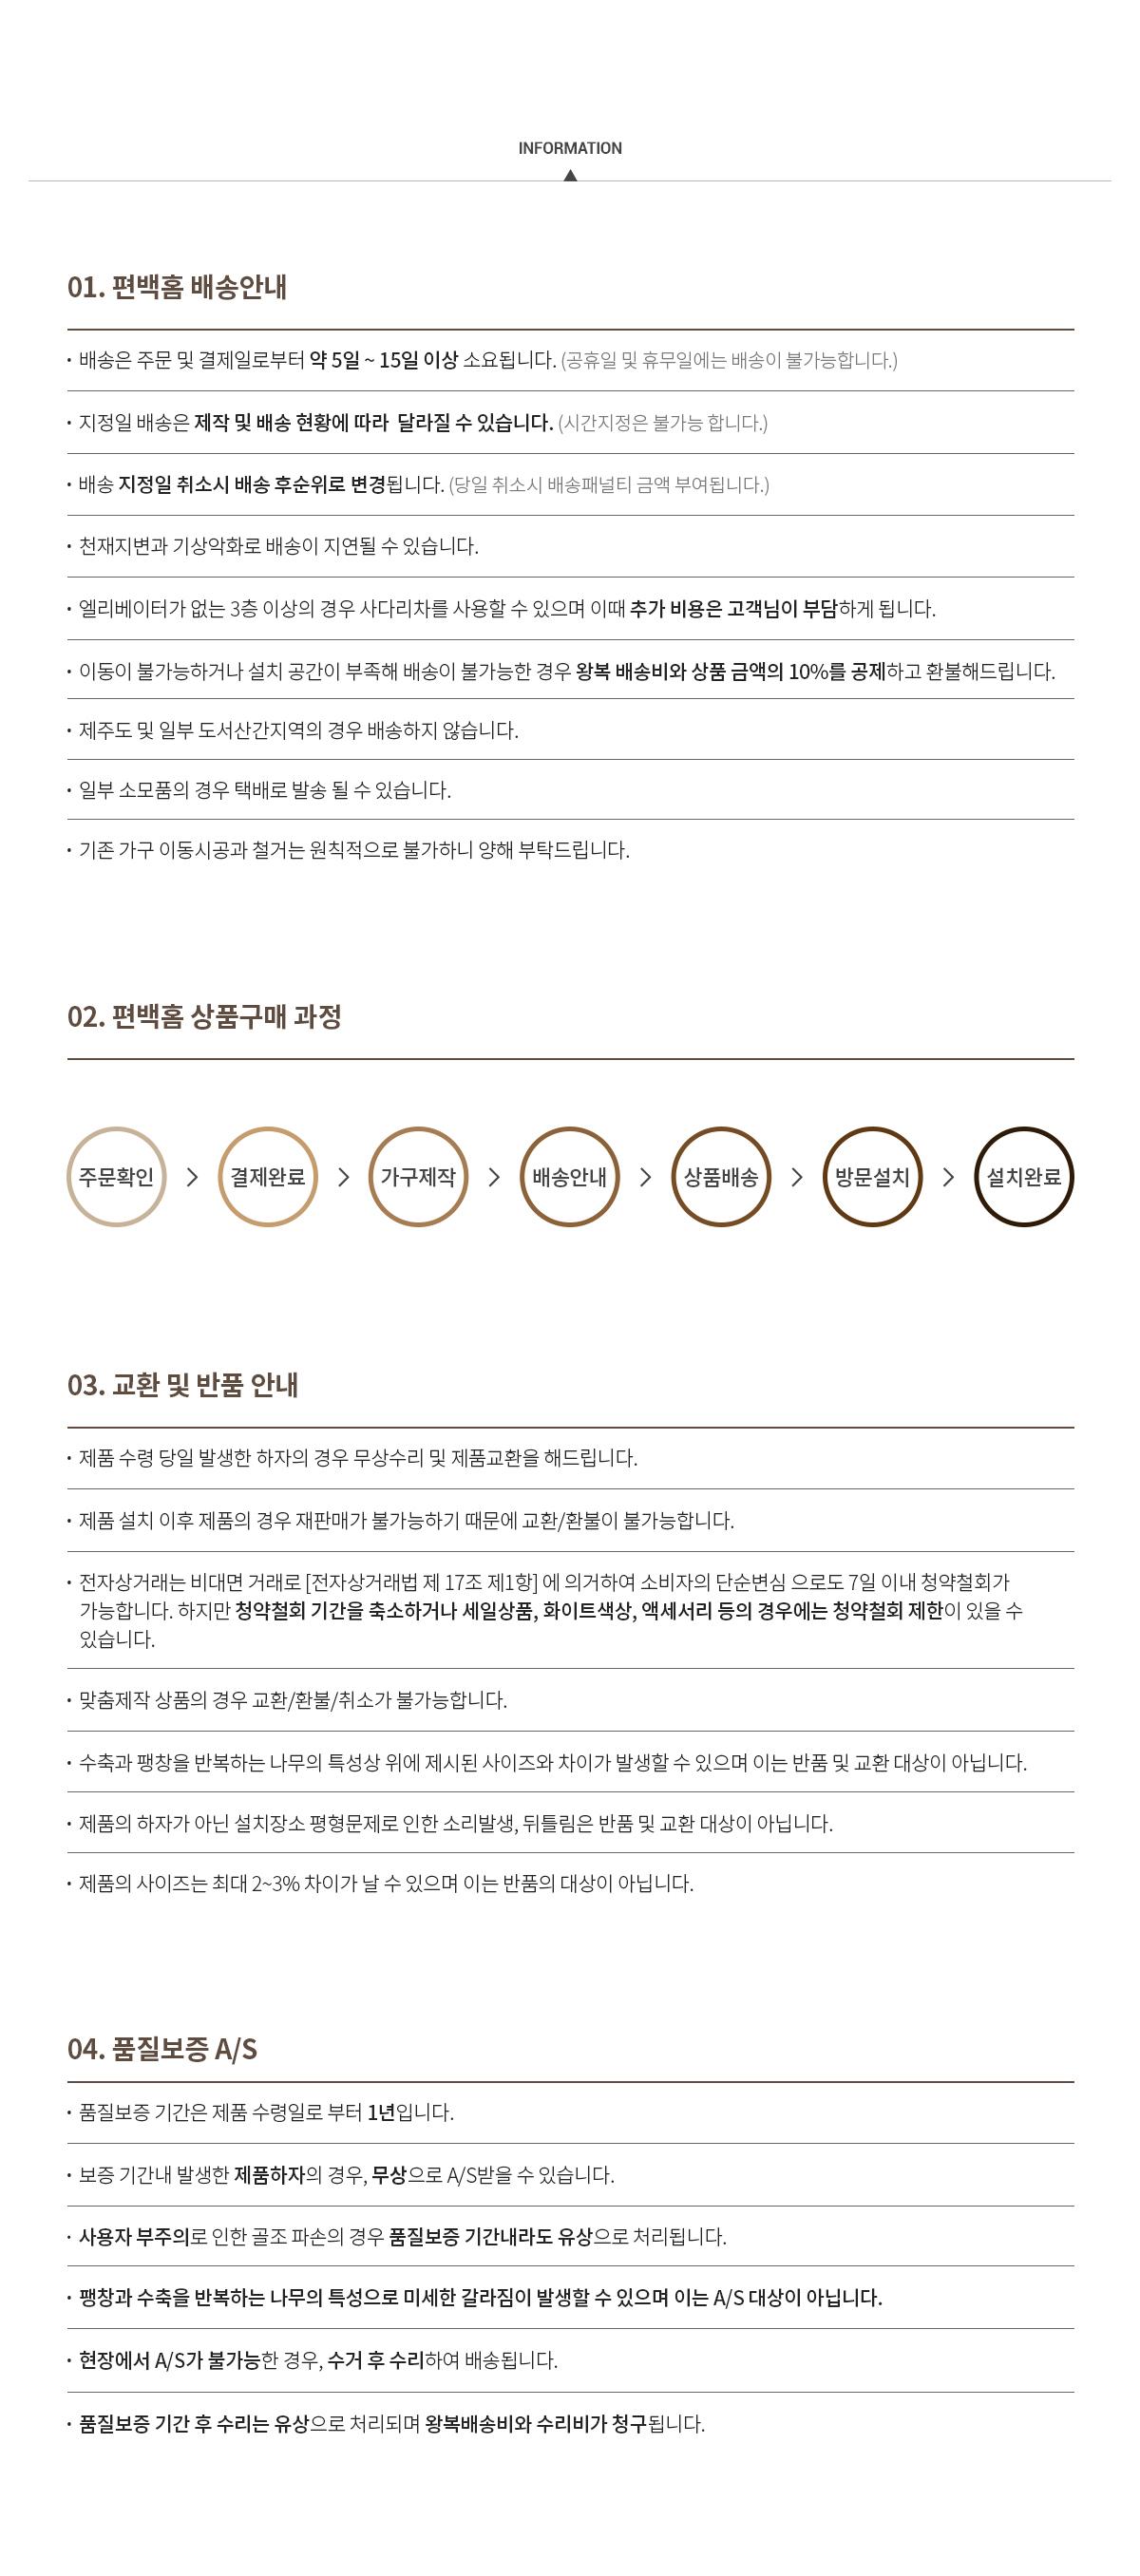 편백홈 제품 특징5